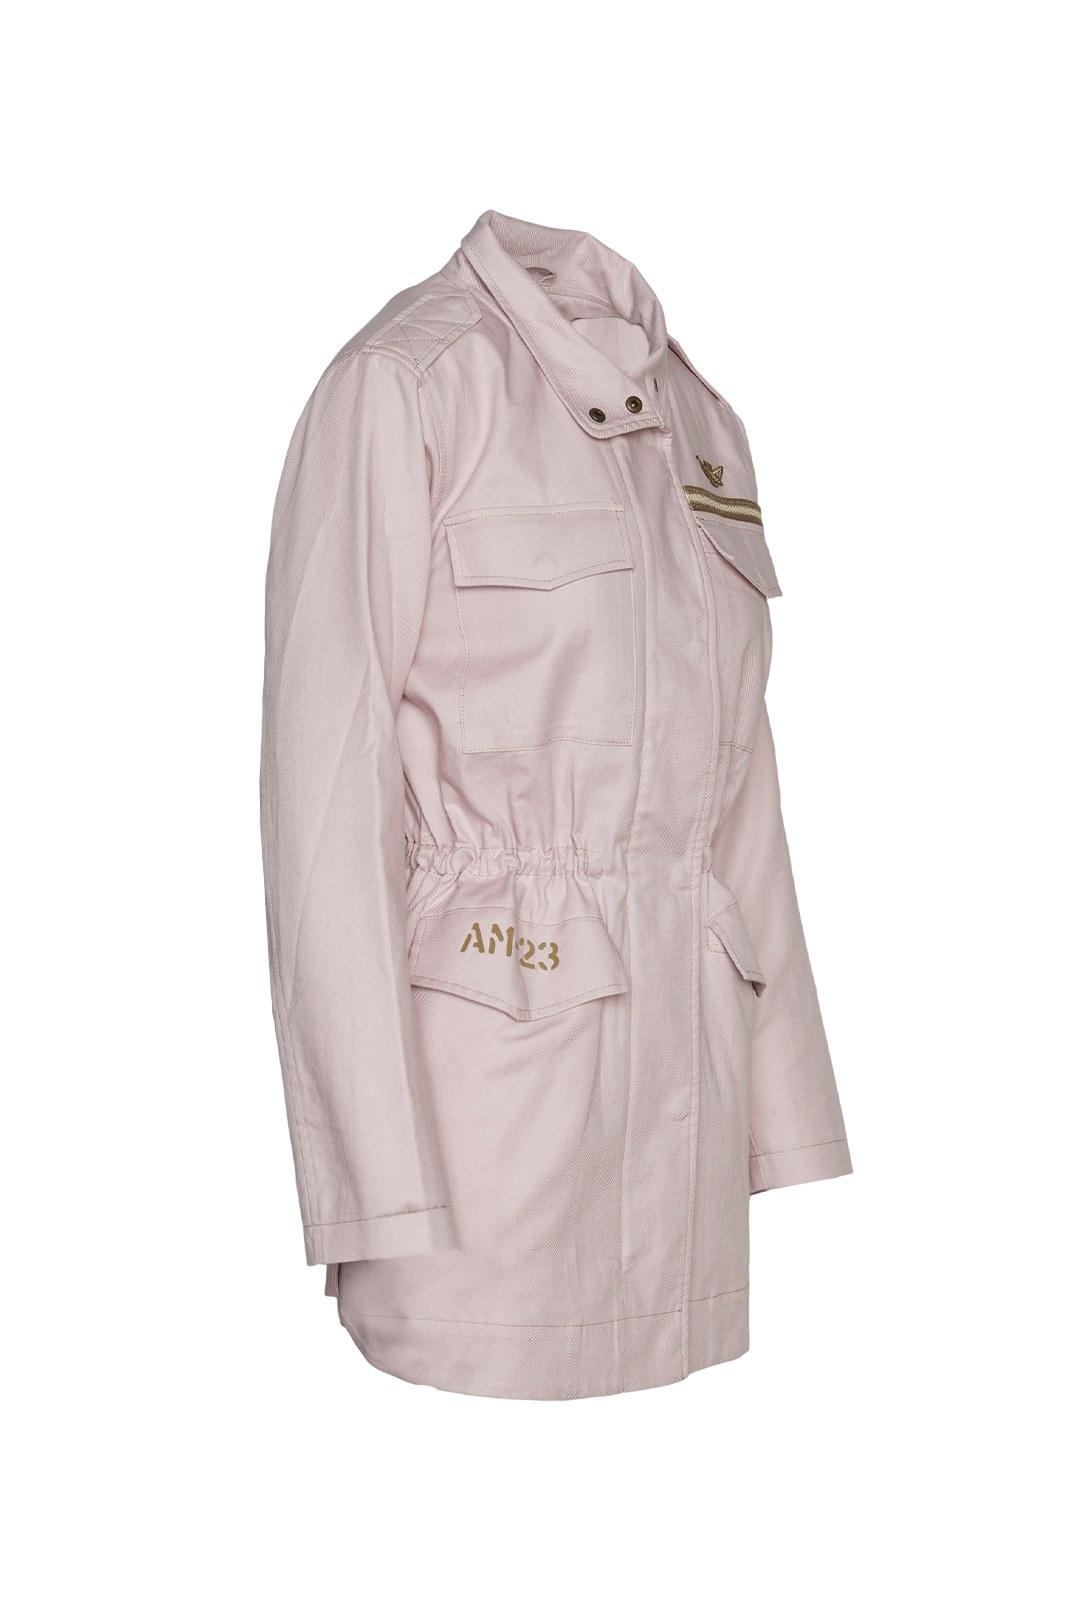 Cotton Saharan jacket 3